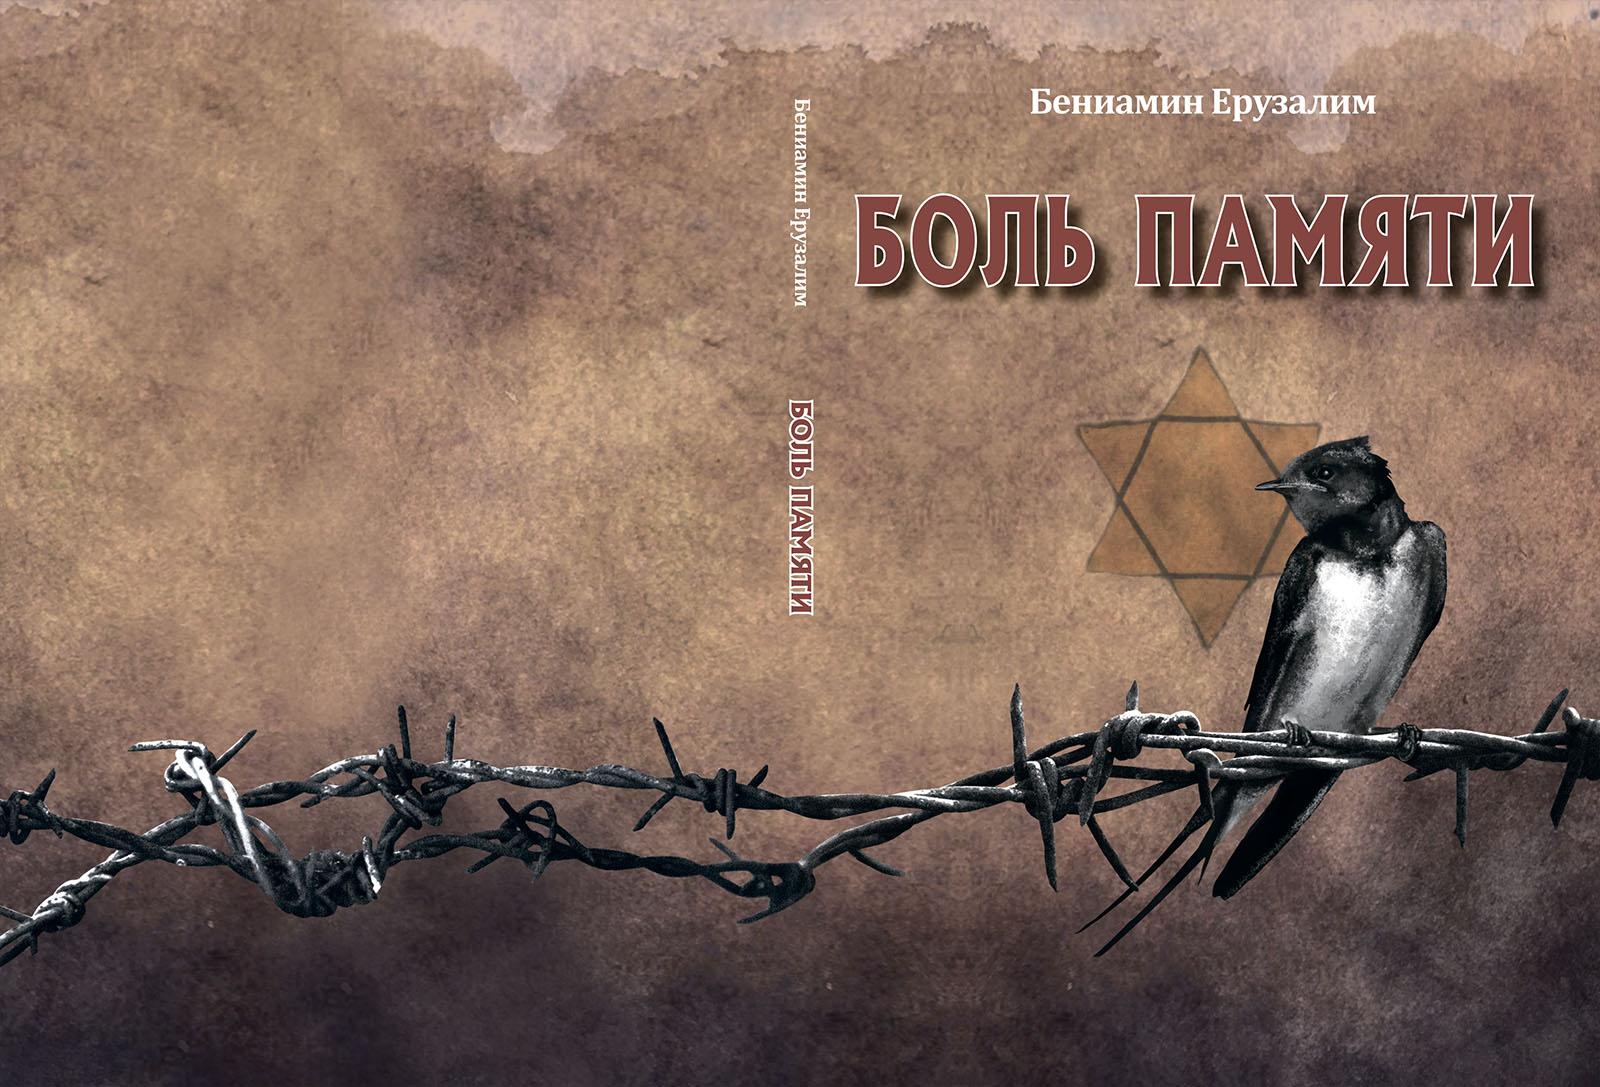 Ерузалим Б. Е., «Боль памяти. Холокост на Гродненщине»